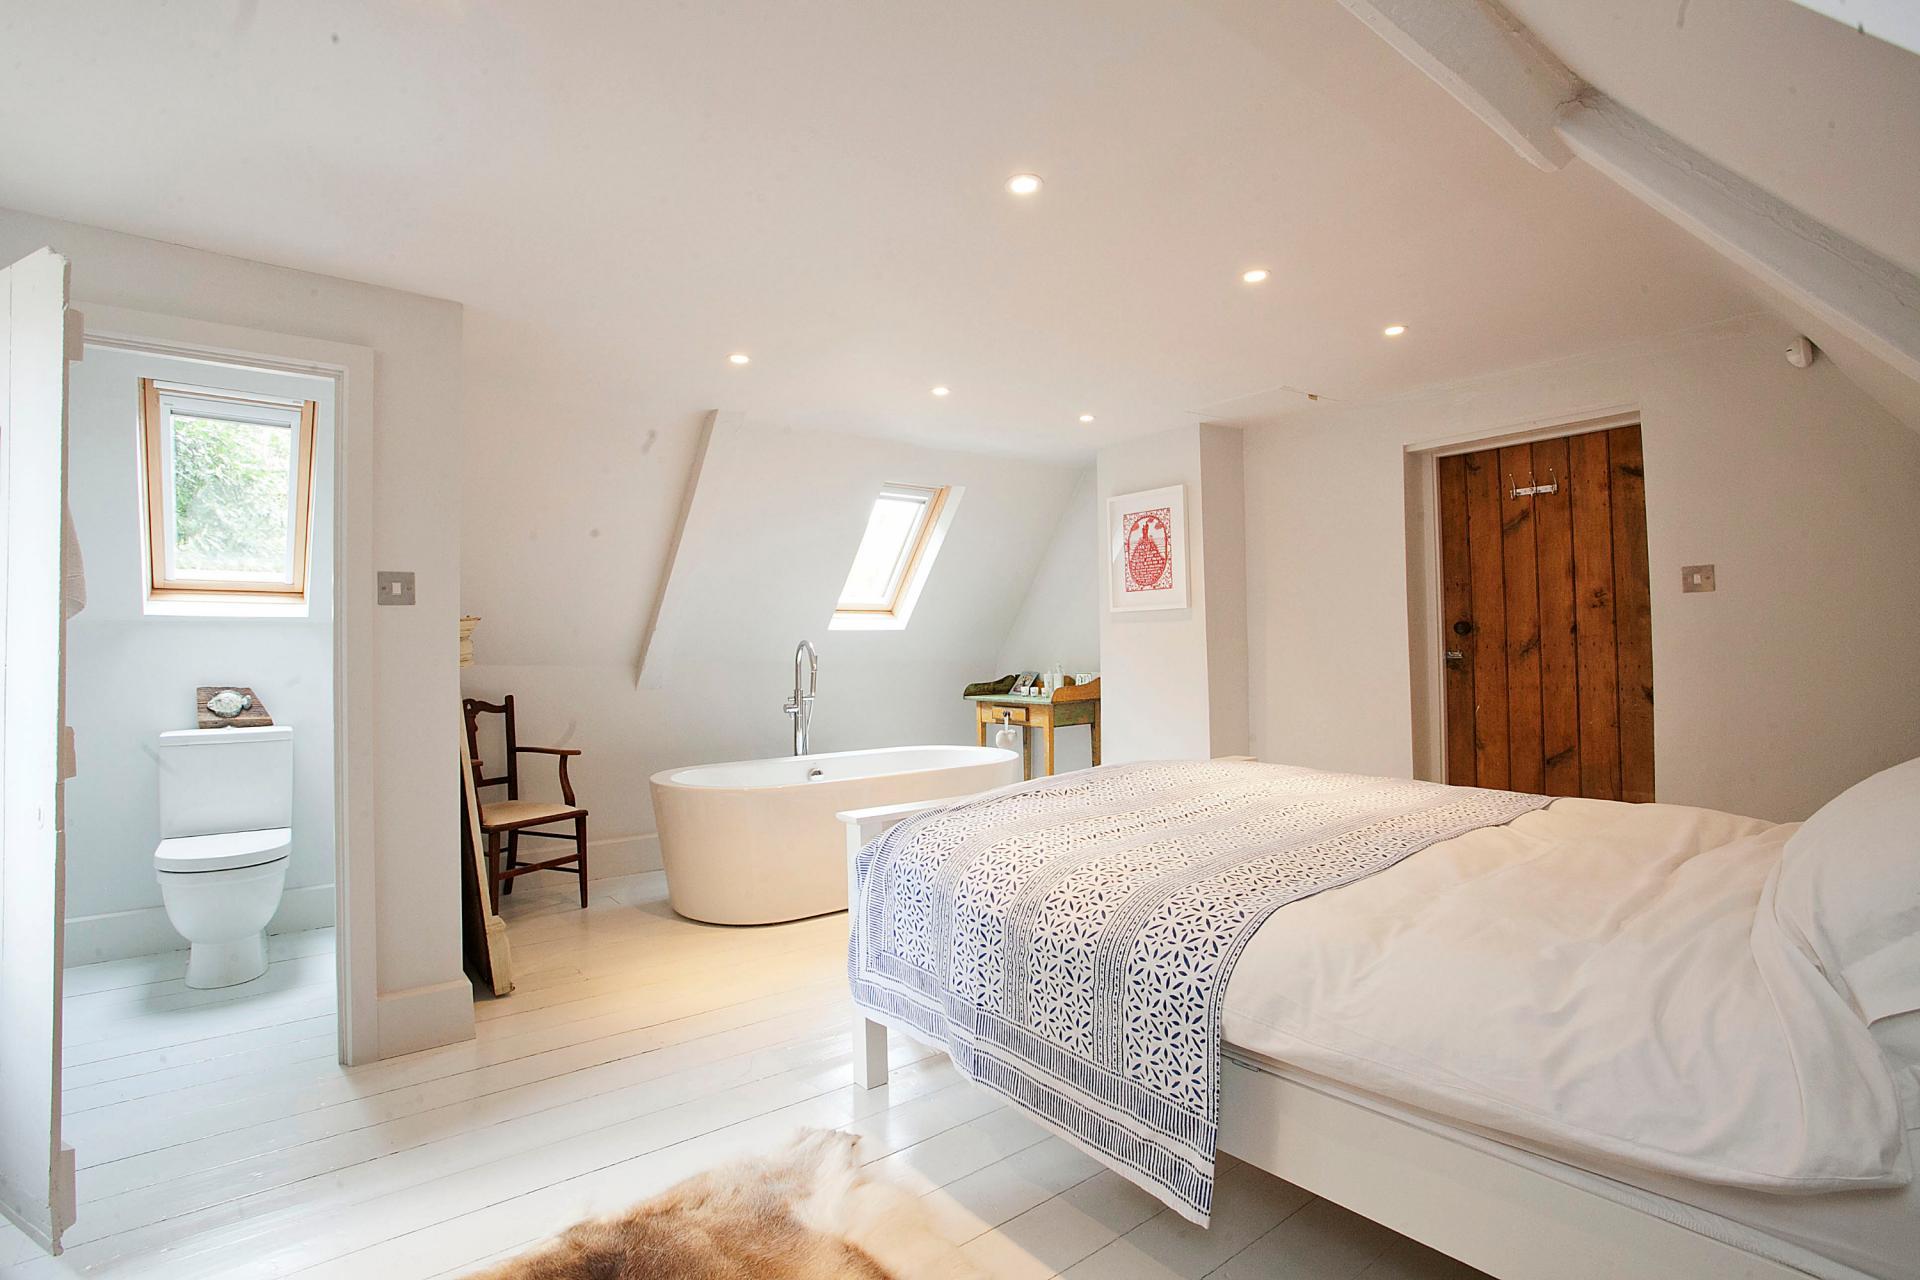 4 Bedroom Detached For Sale In Grantham